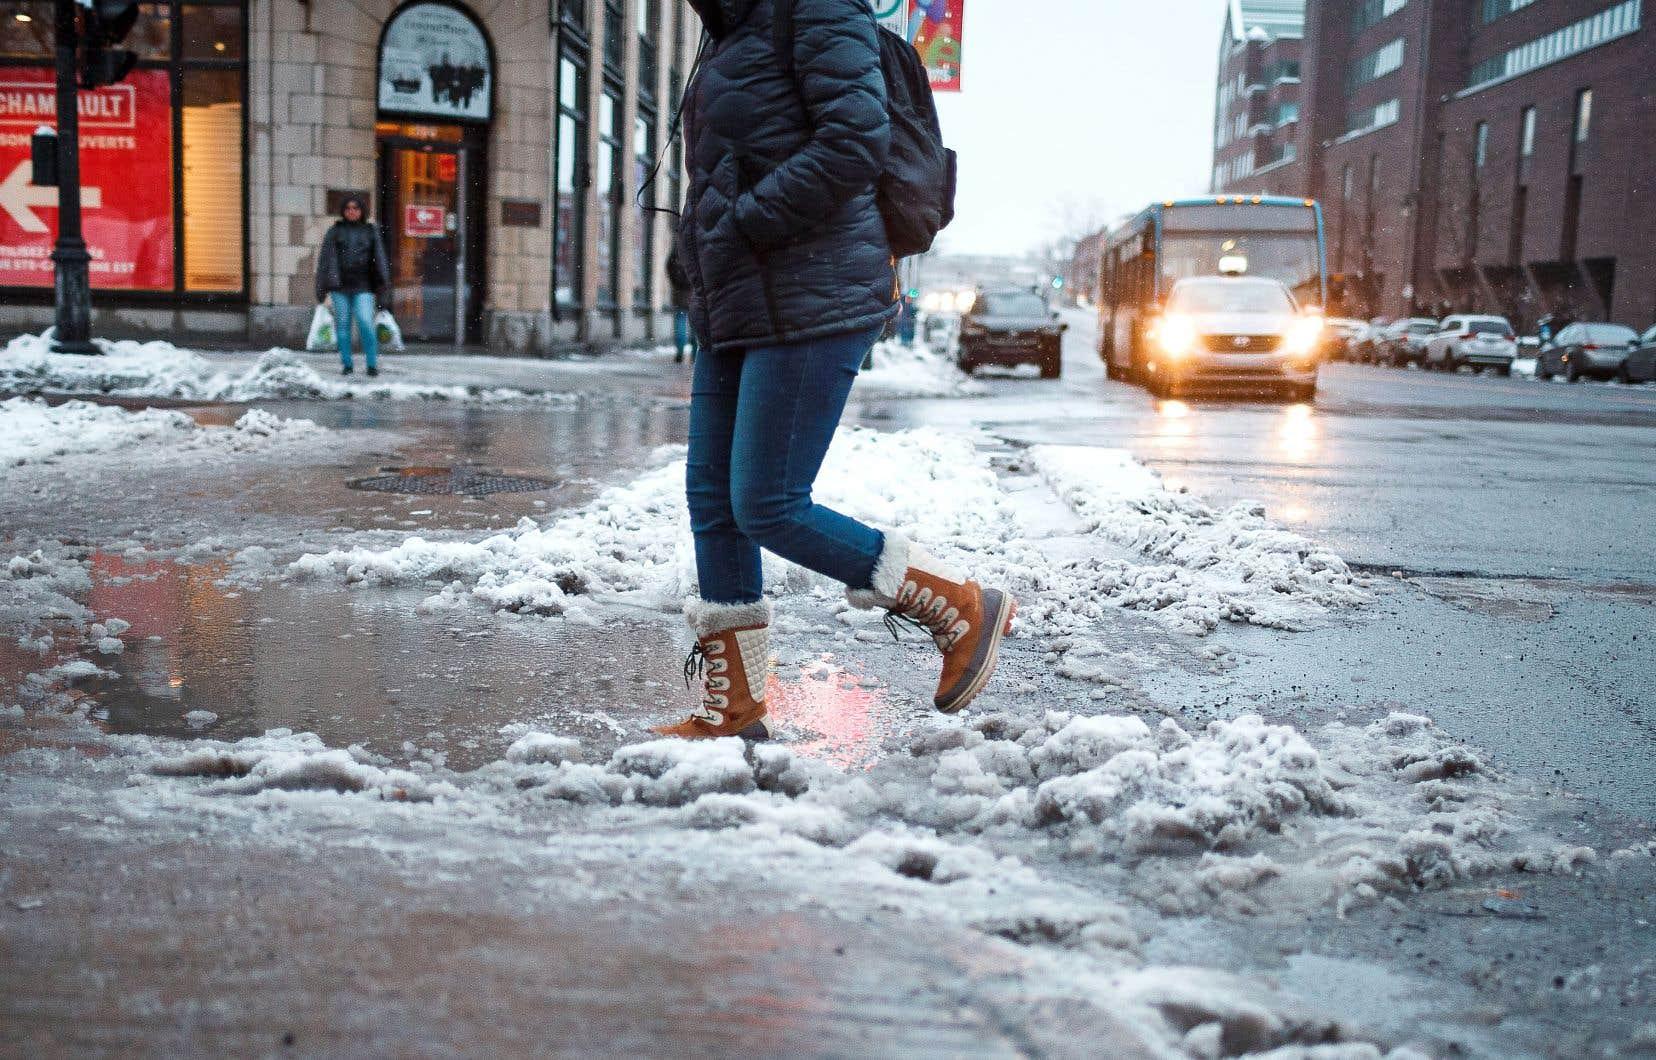 Le point le plus haut de la plupart des rues est situé au centre de la chaussée, alors que les intersections se retrouvent aux points les plus bas, causant l'accumulation de la neige mouillée.